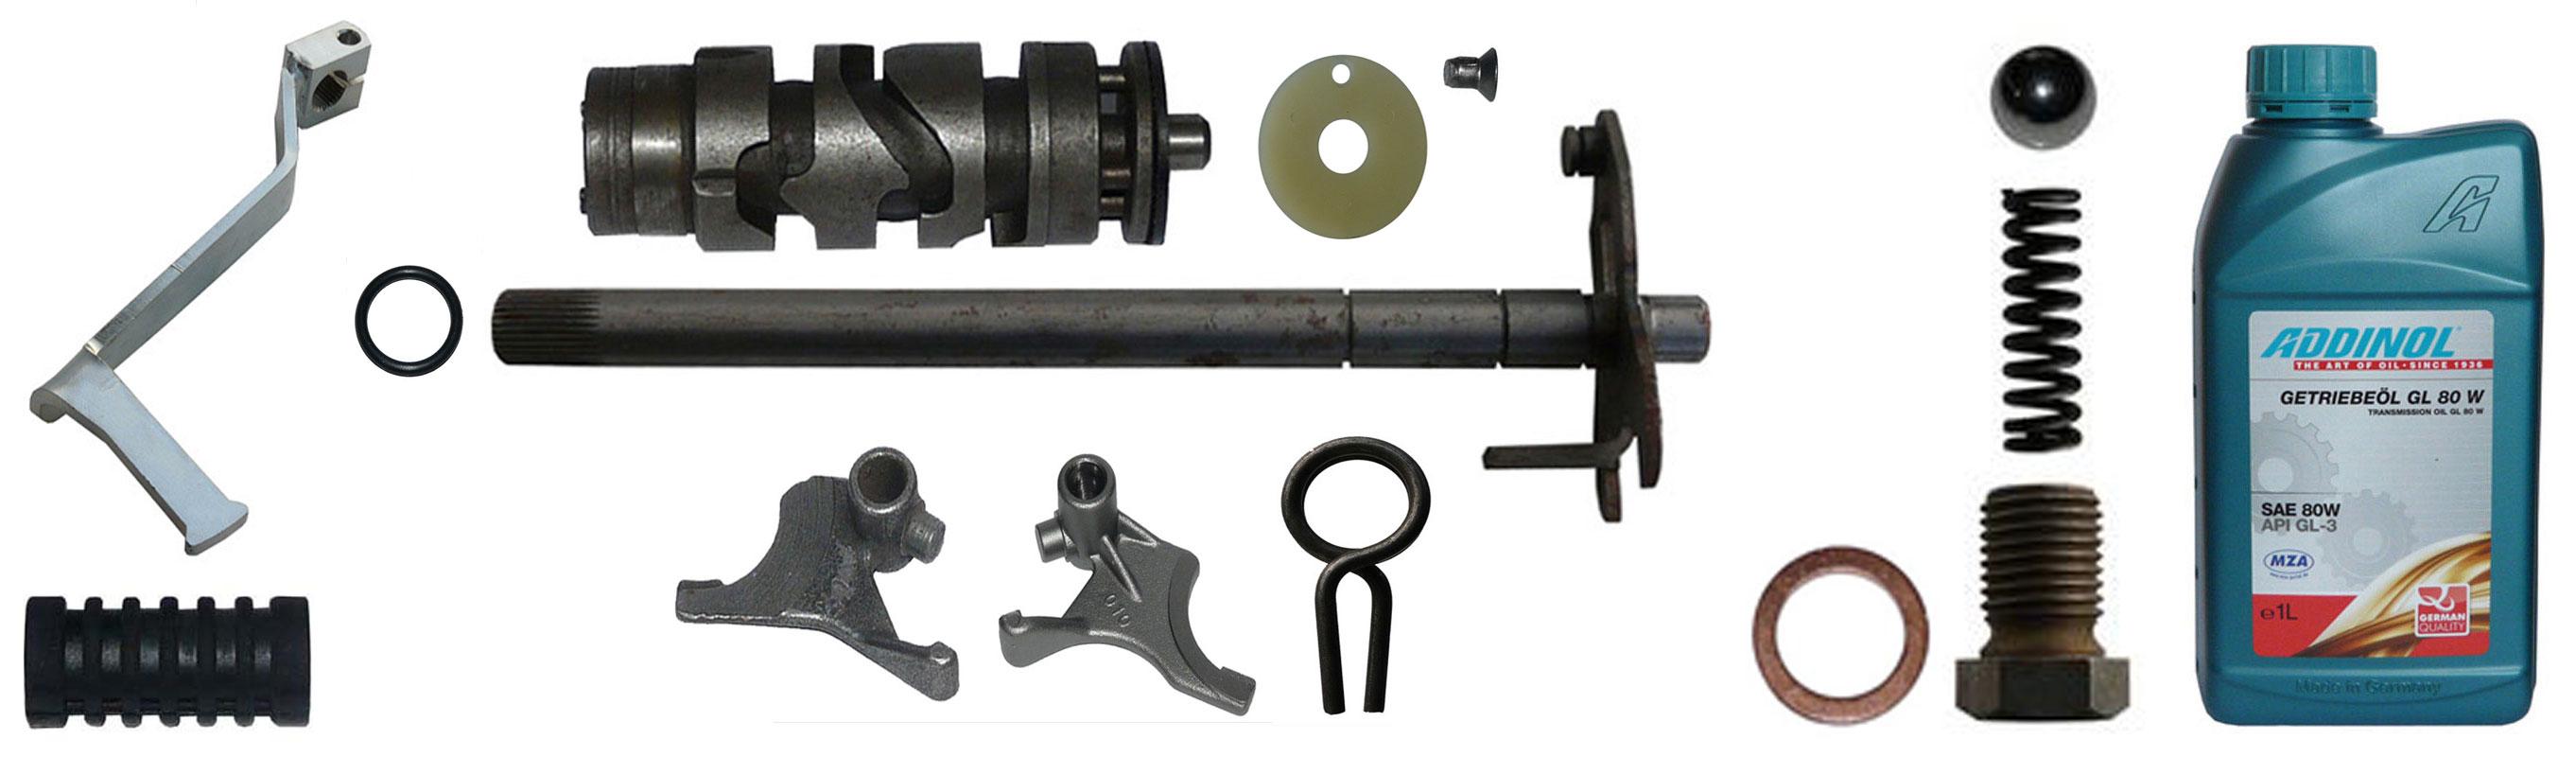 MZ TS 250-1 Ersatzteile 5 Gang Motor Schaltung